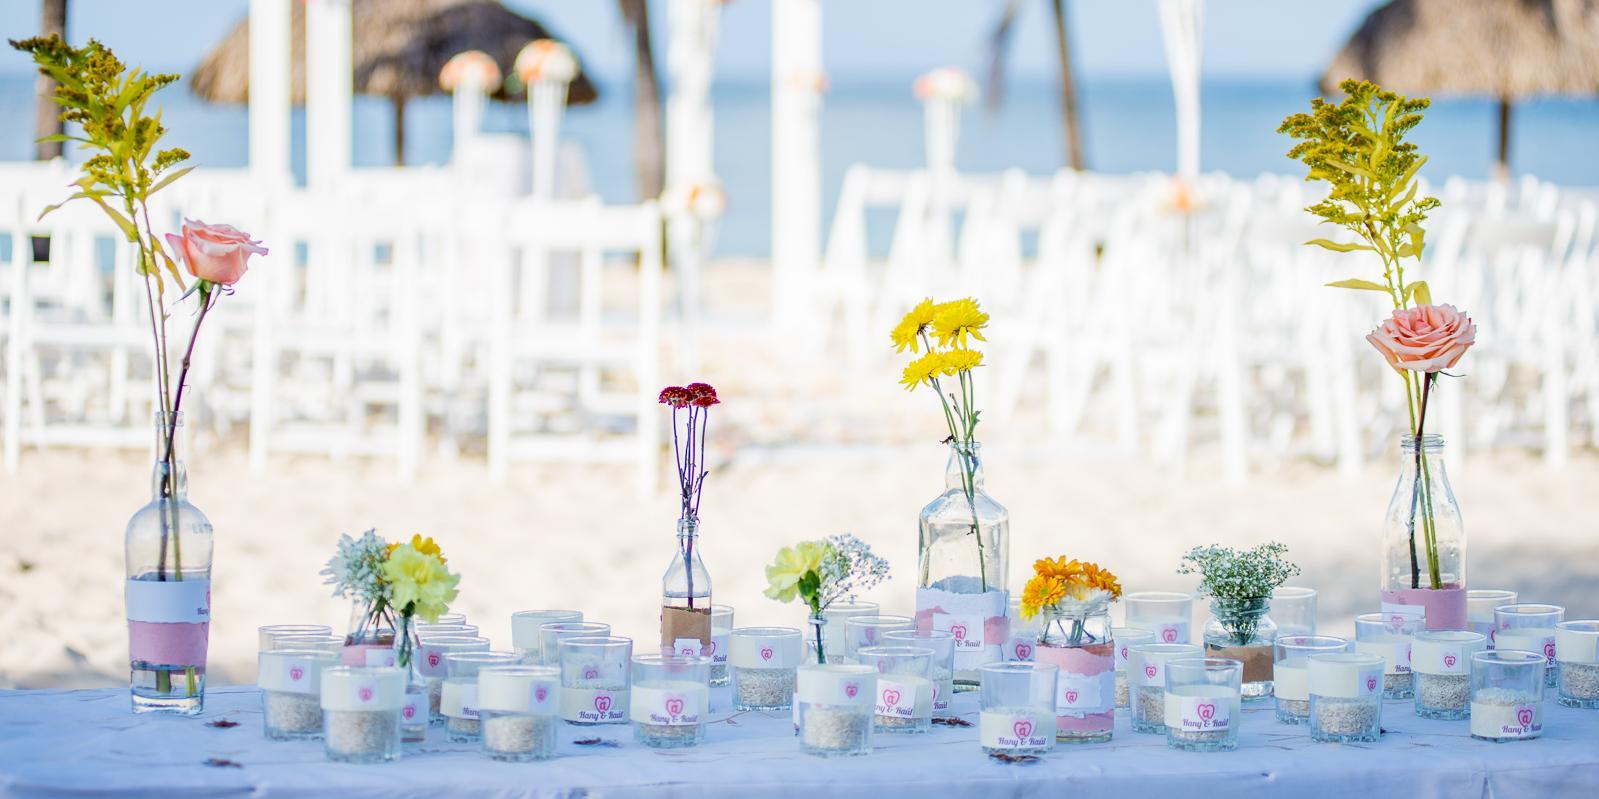 bodas-estilo-libre-sin-tema-cuba-6881.jpg